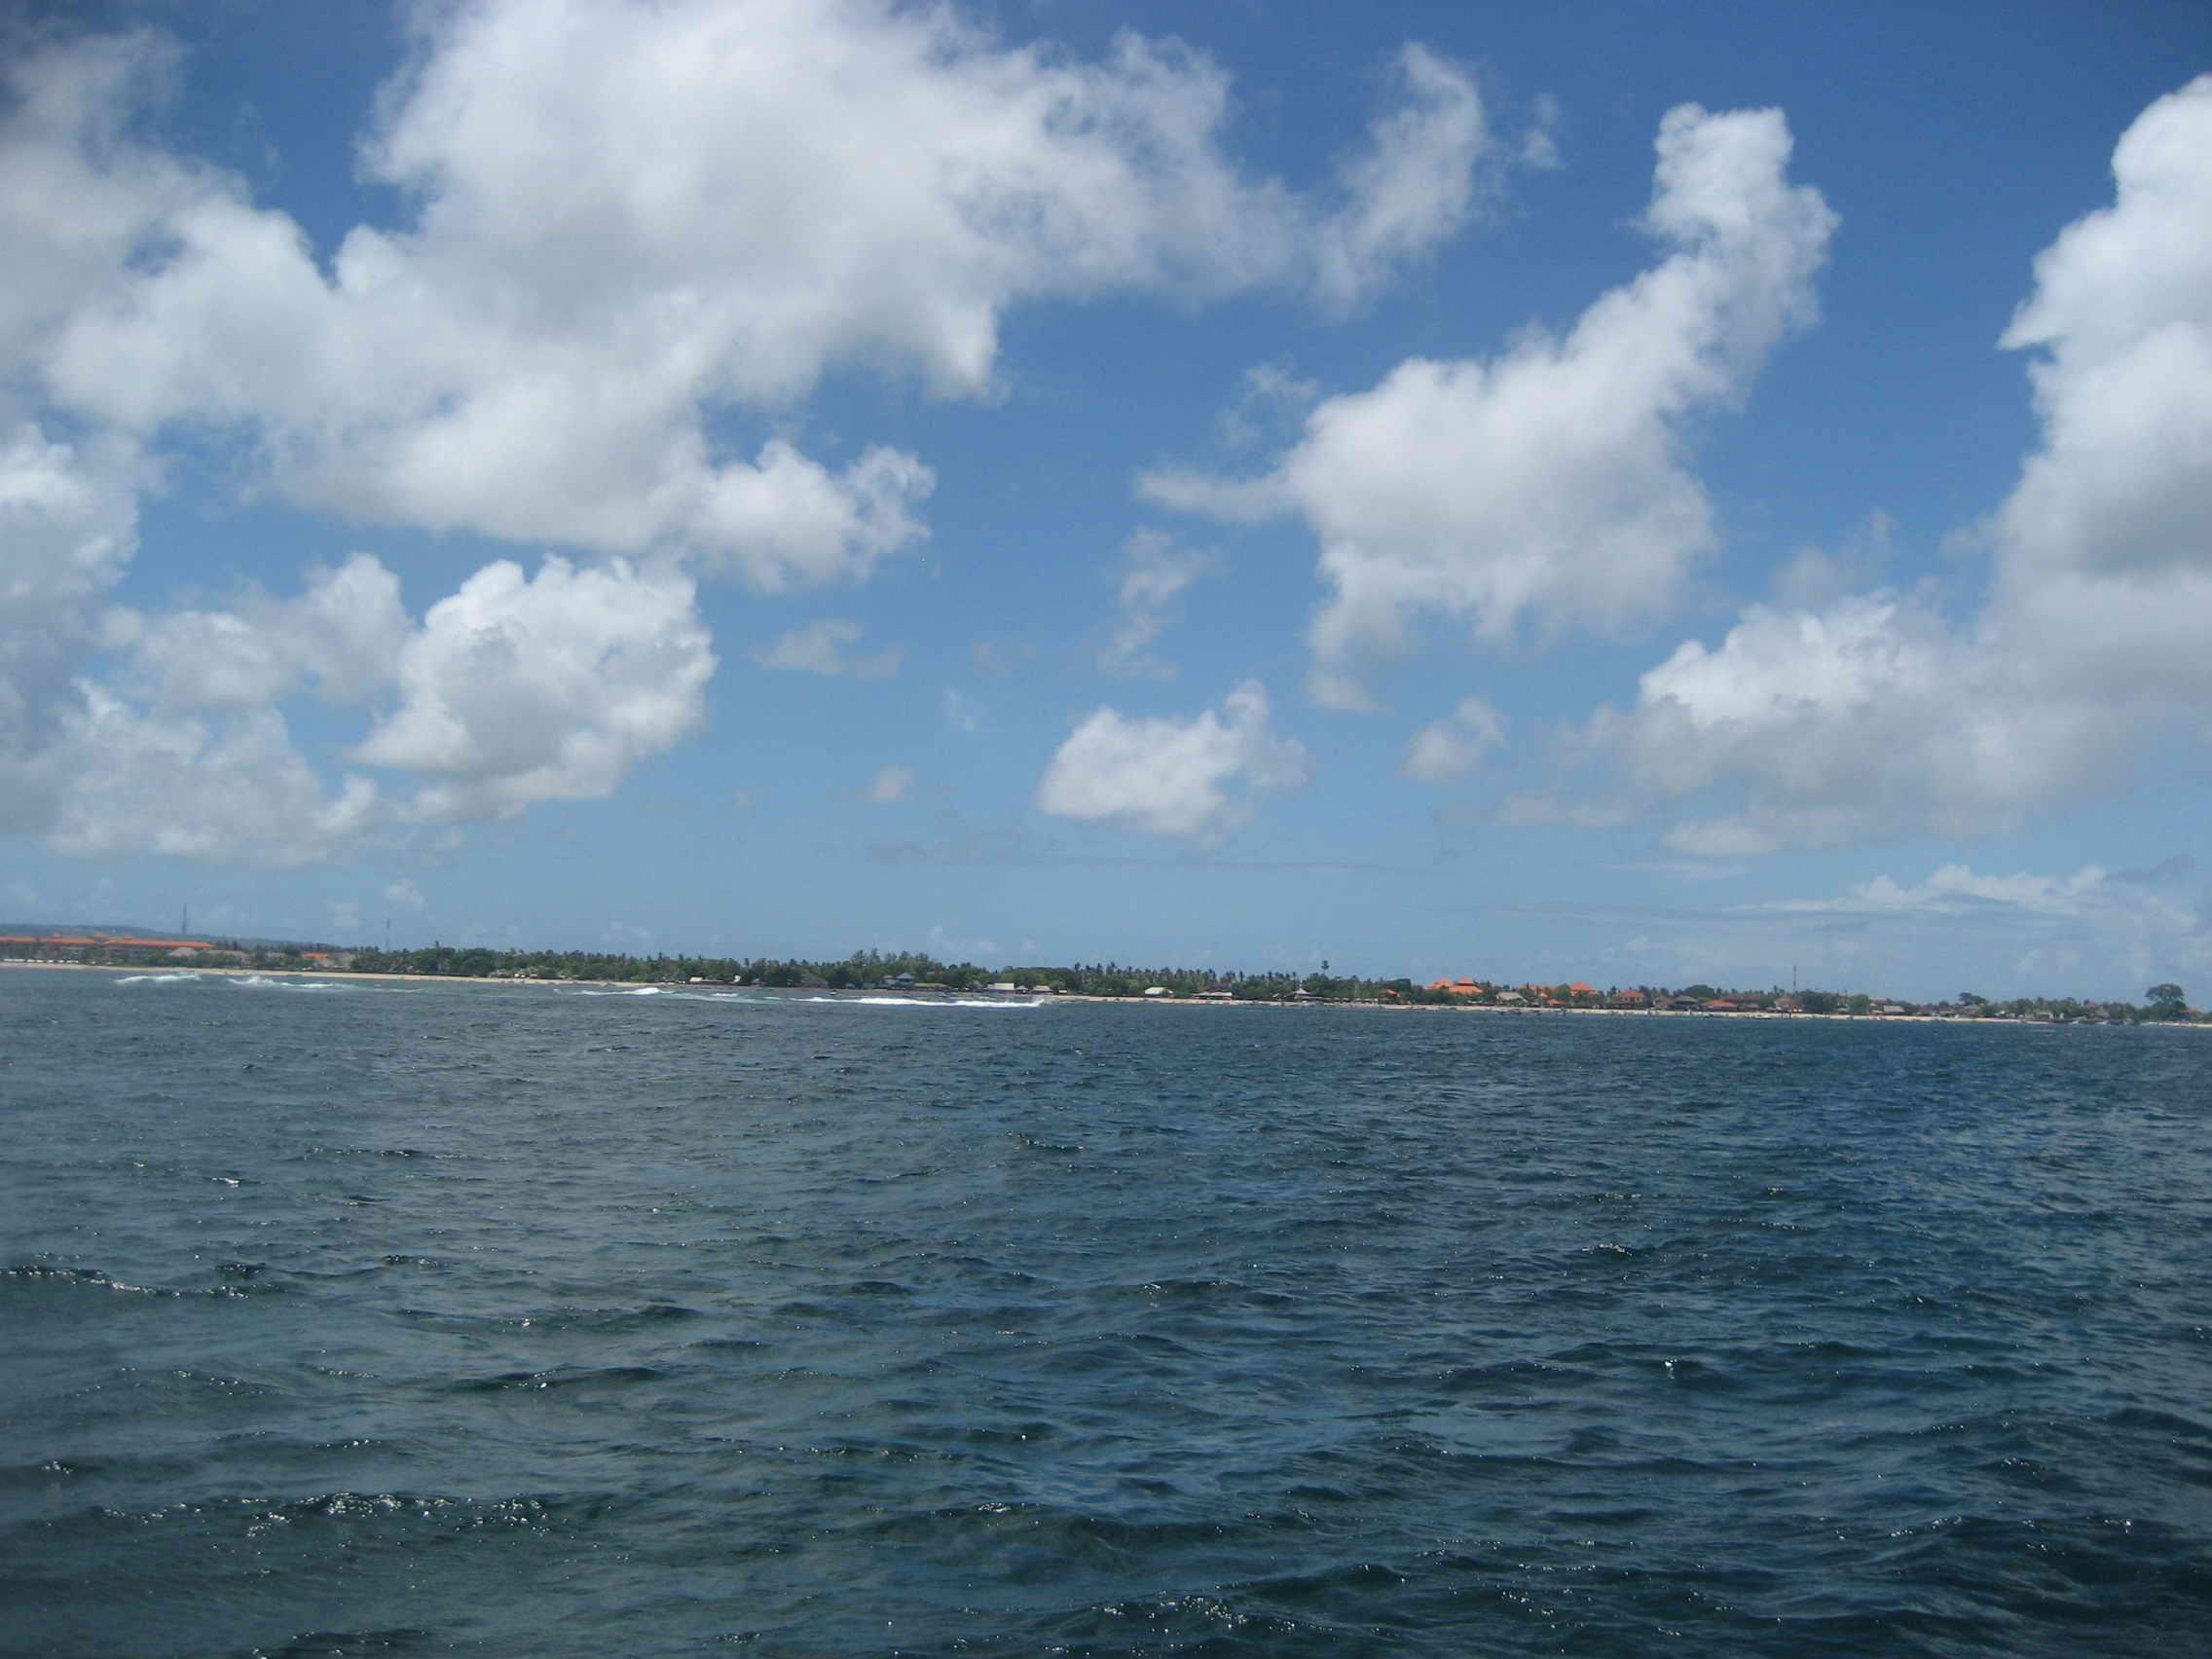 首页 搜游记 游记详情页  由于海面的风浪比较大,我们在海面上等待了